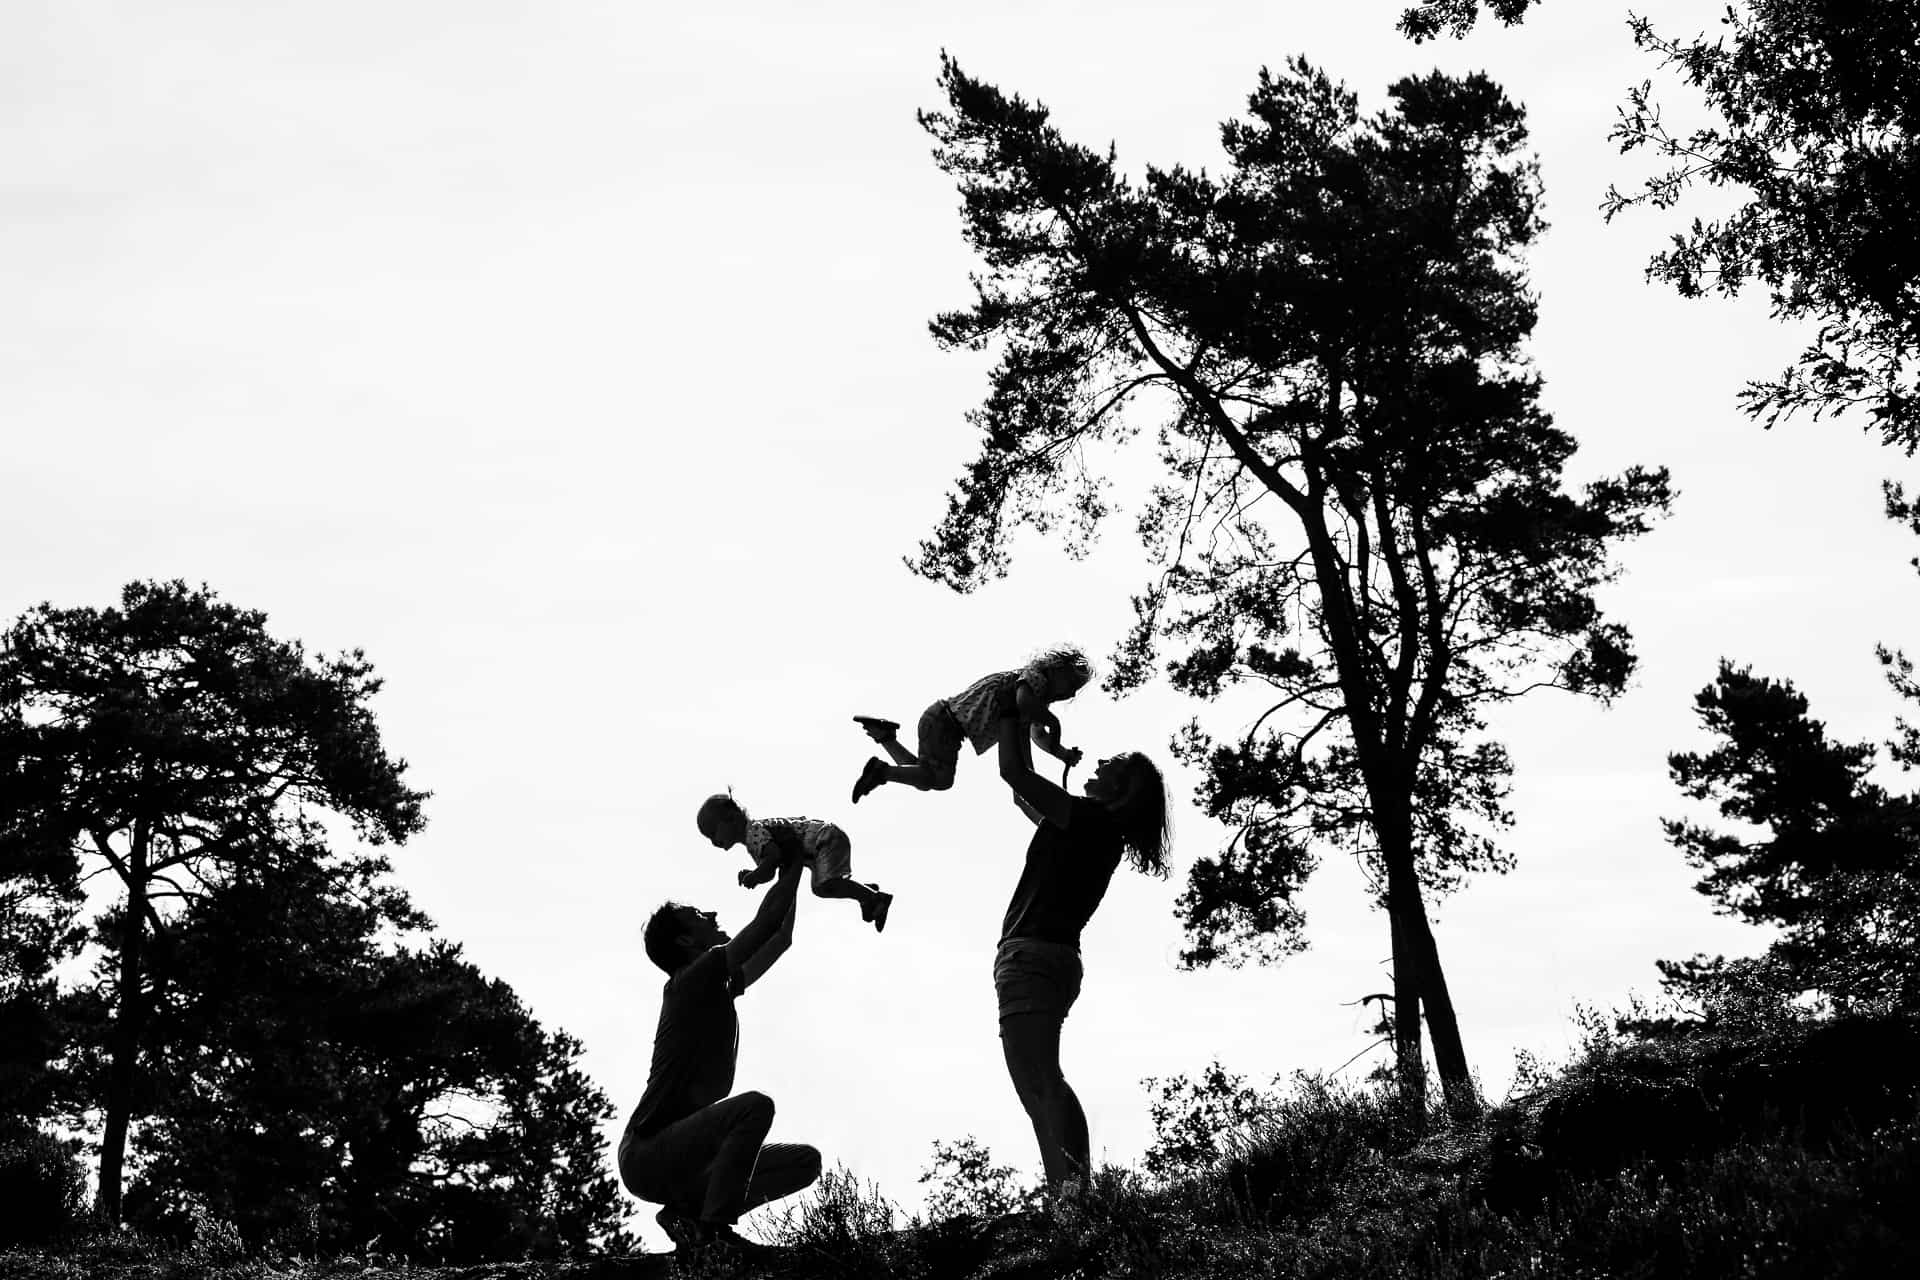 Familiereportage op de hei Martine van der Voort Fotografie